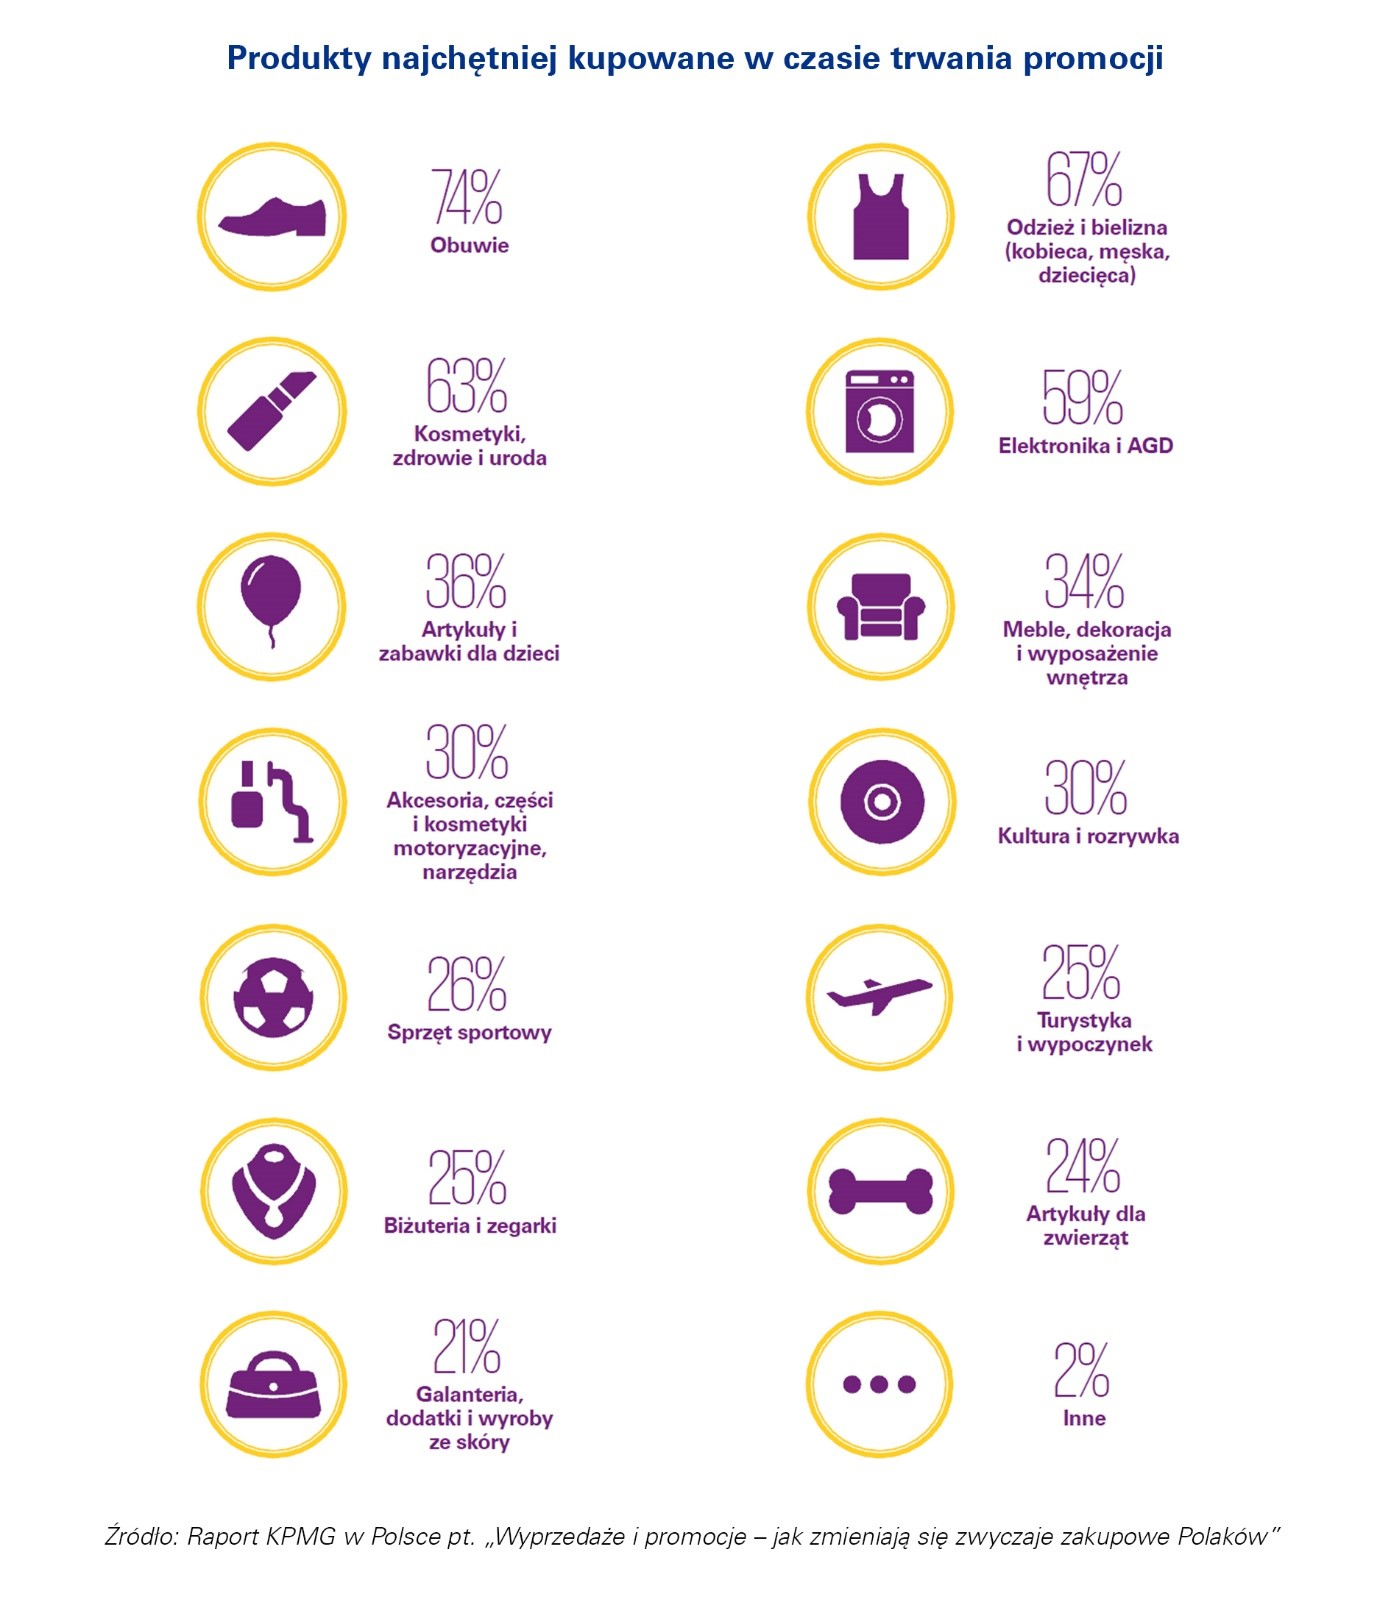 produkty najchętniej kupowane podczas promocji KPMG